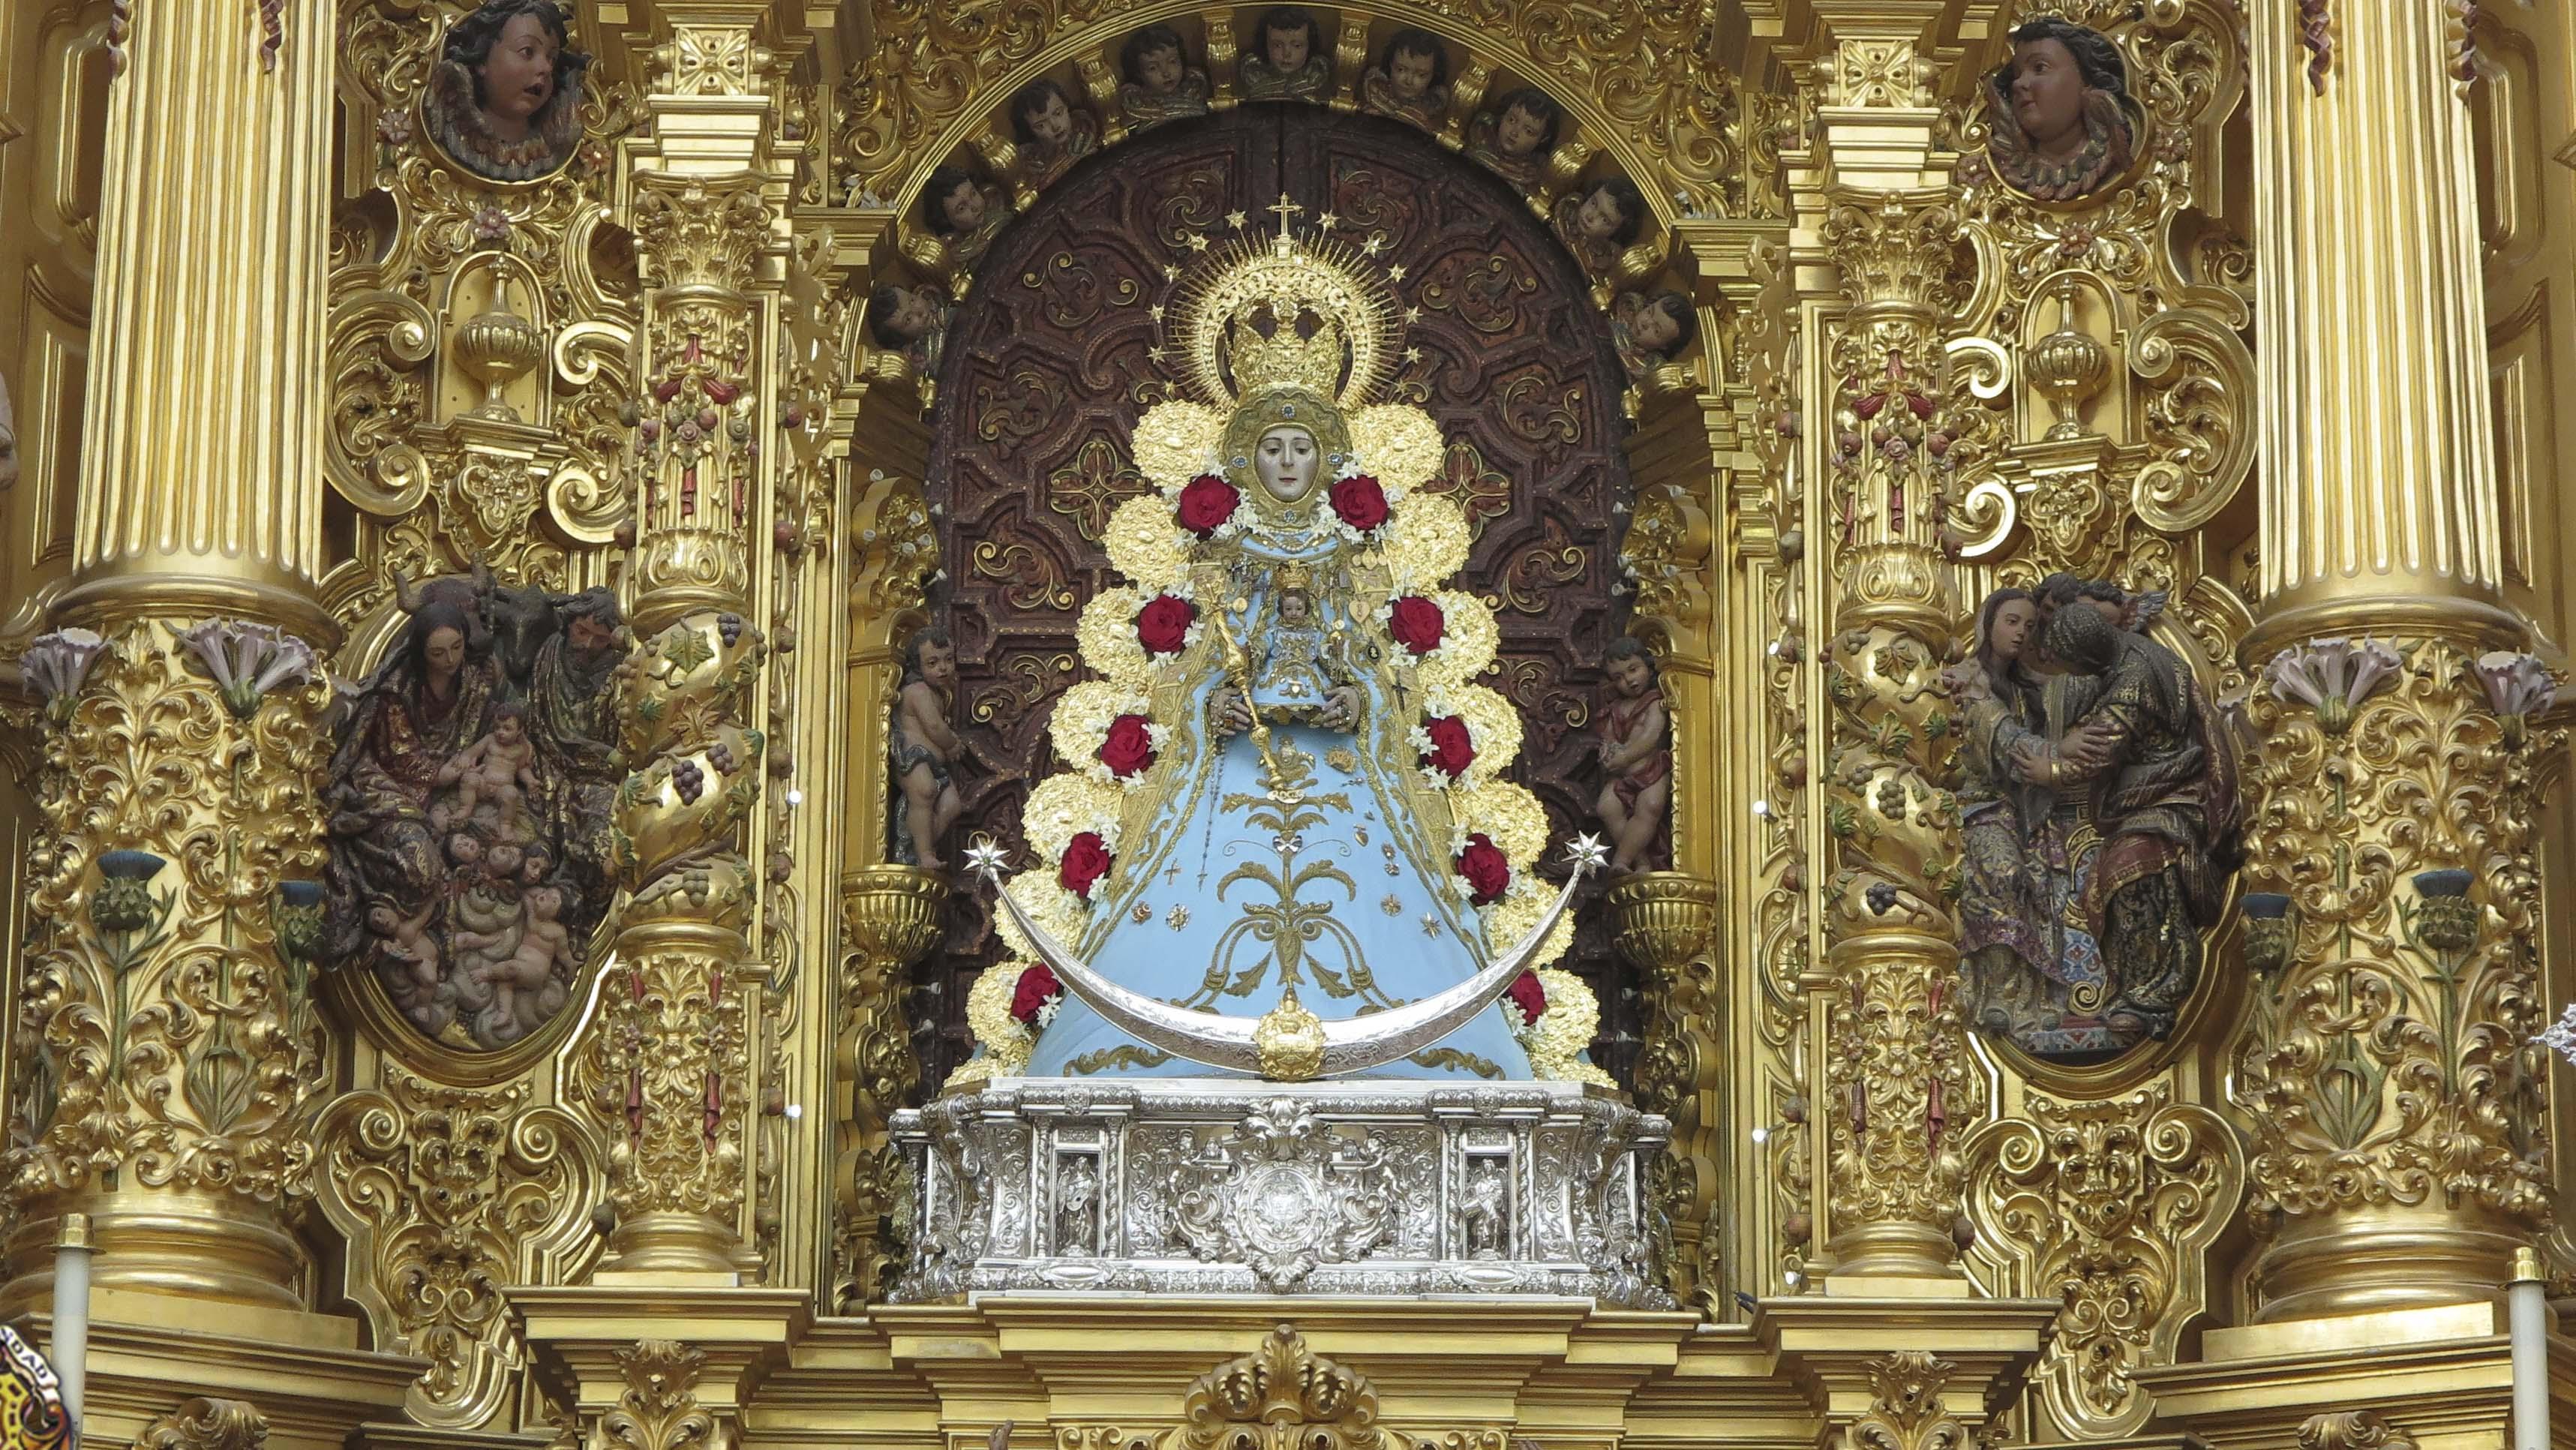 La Virgen del Rocío luce en su altar las galas propias para la celebración de la Inmaculada Concepción